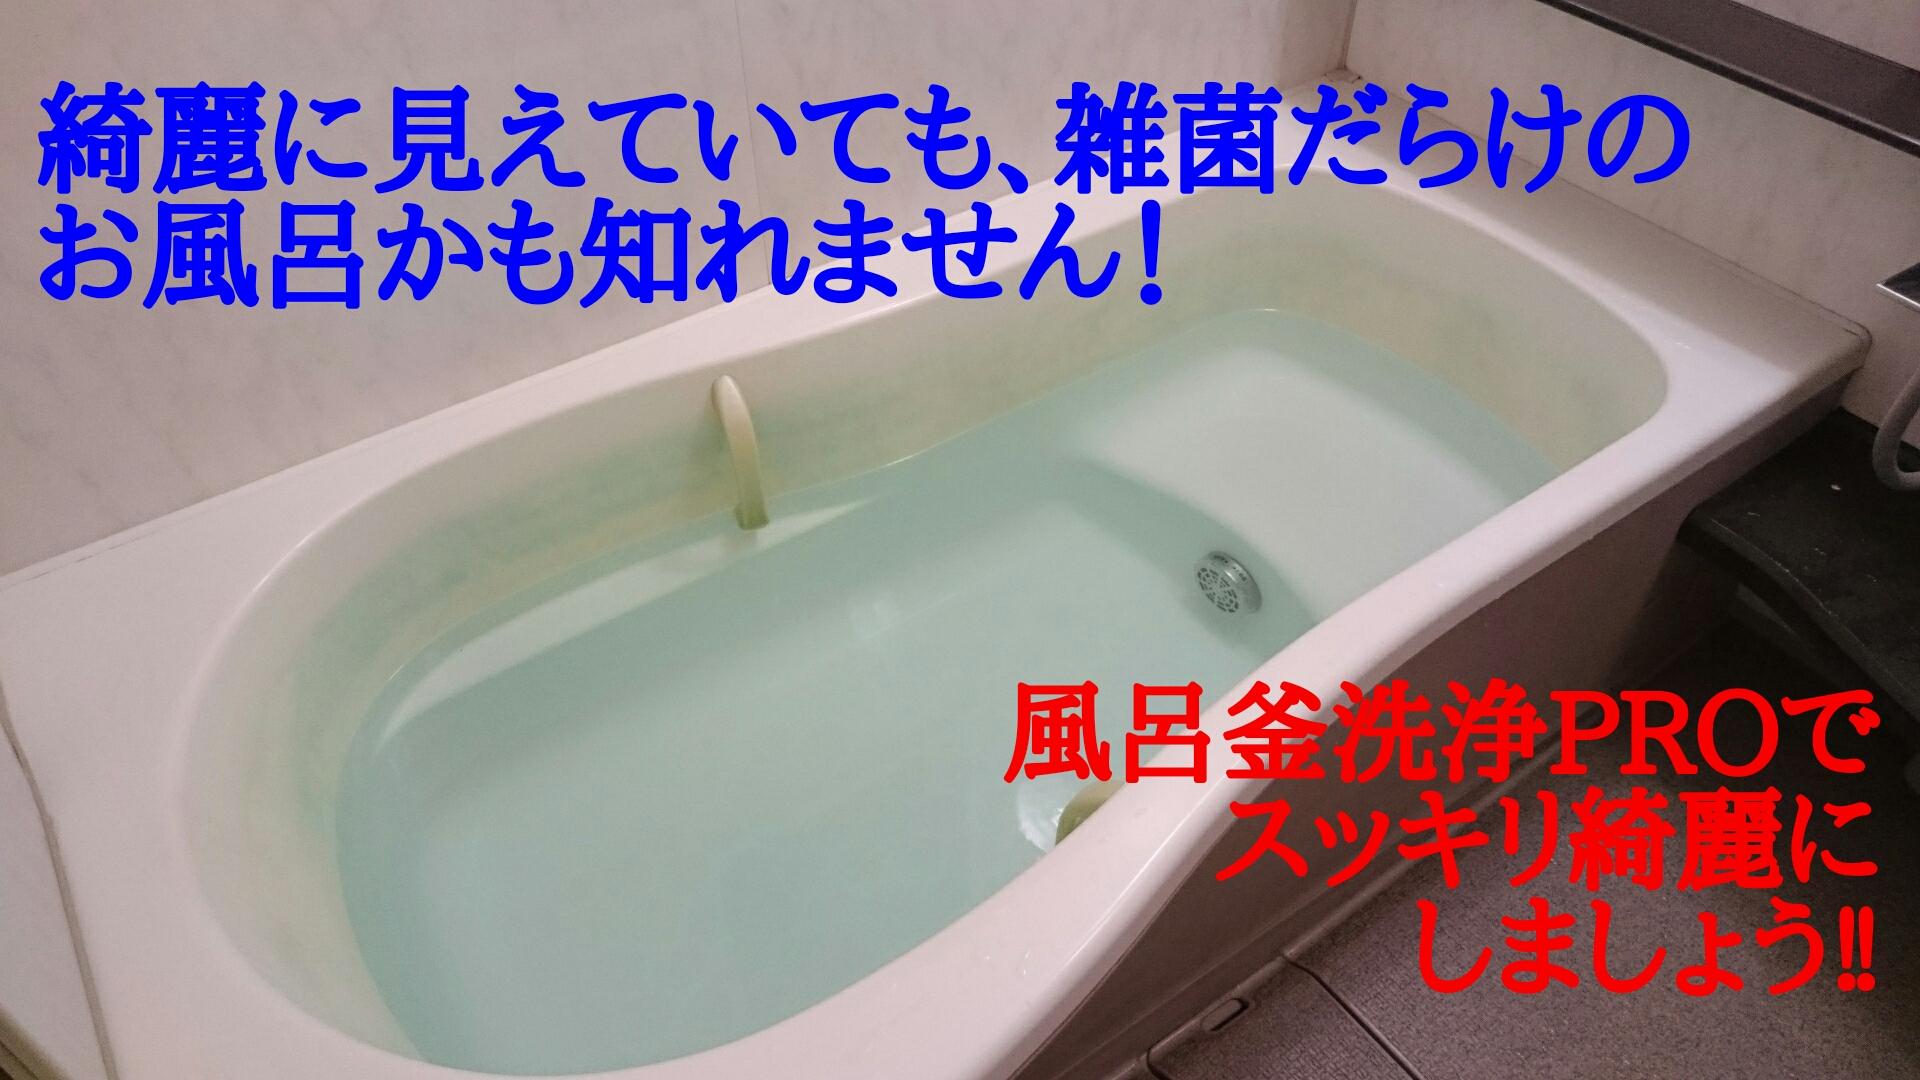 綺麗に見えても雑菌だらけの浴室